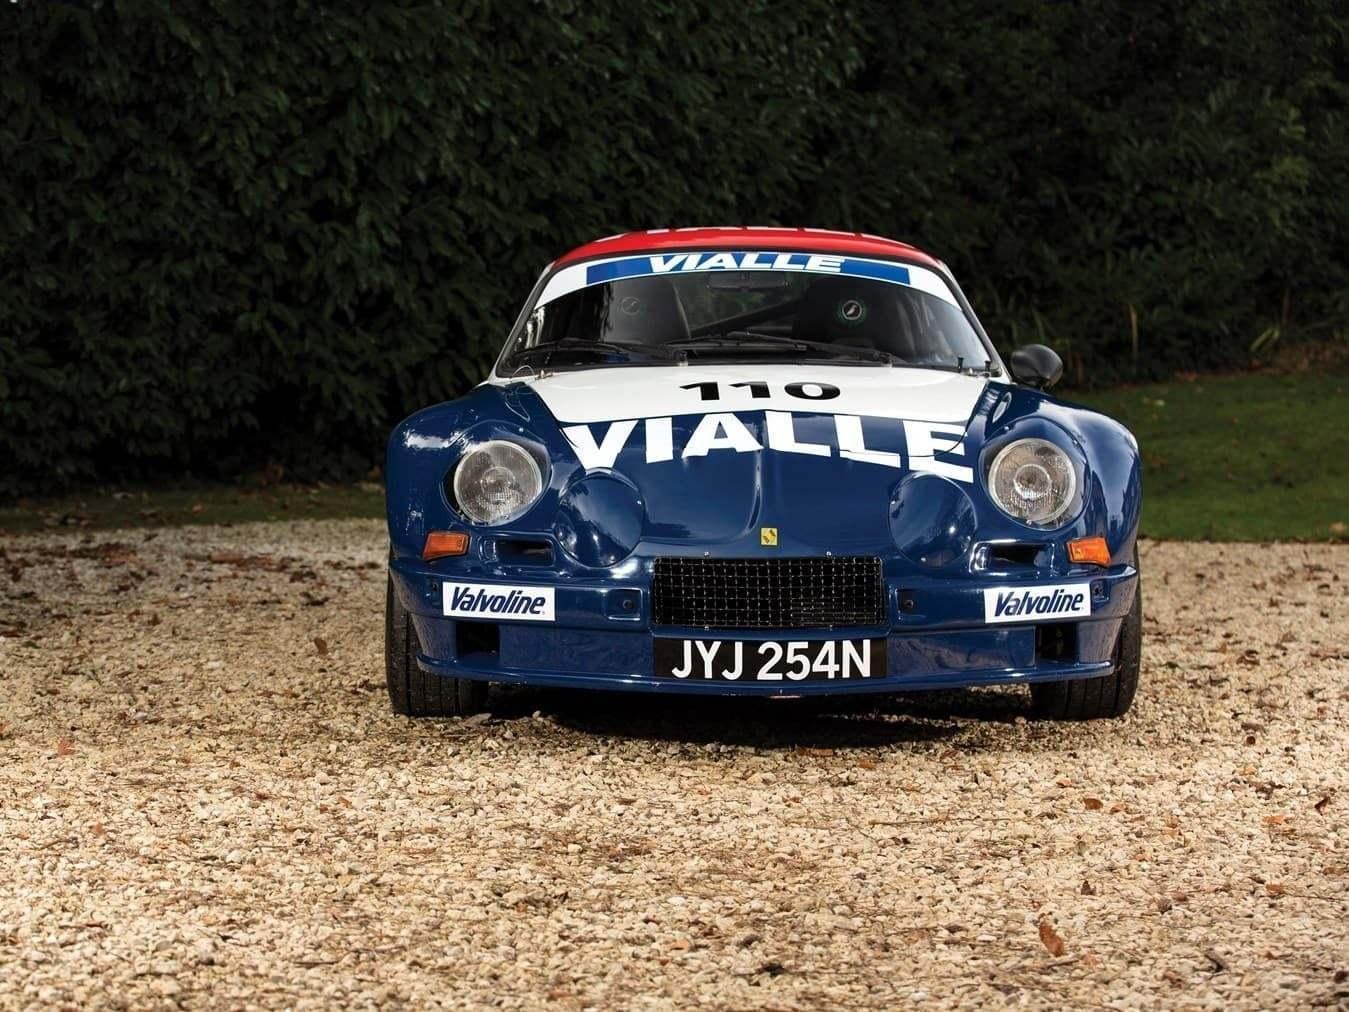 Alpine A110 B Vialle 1974 Rally cross 28 - RM Sotheby's met aux enchères trois Alpine pour Paris 2018